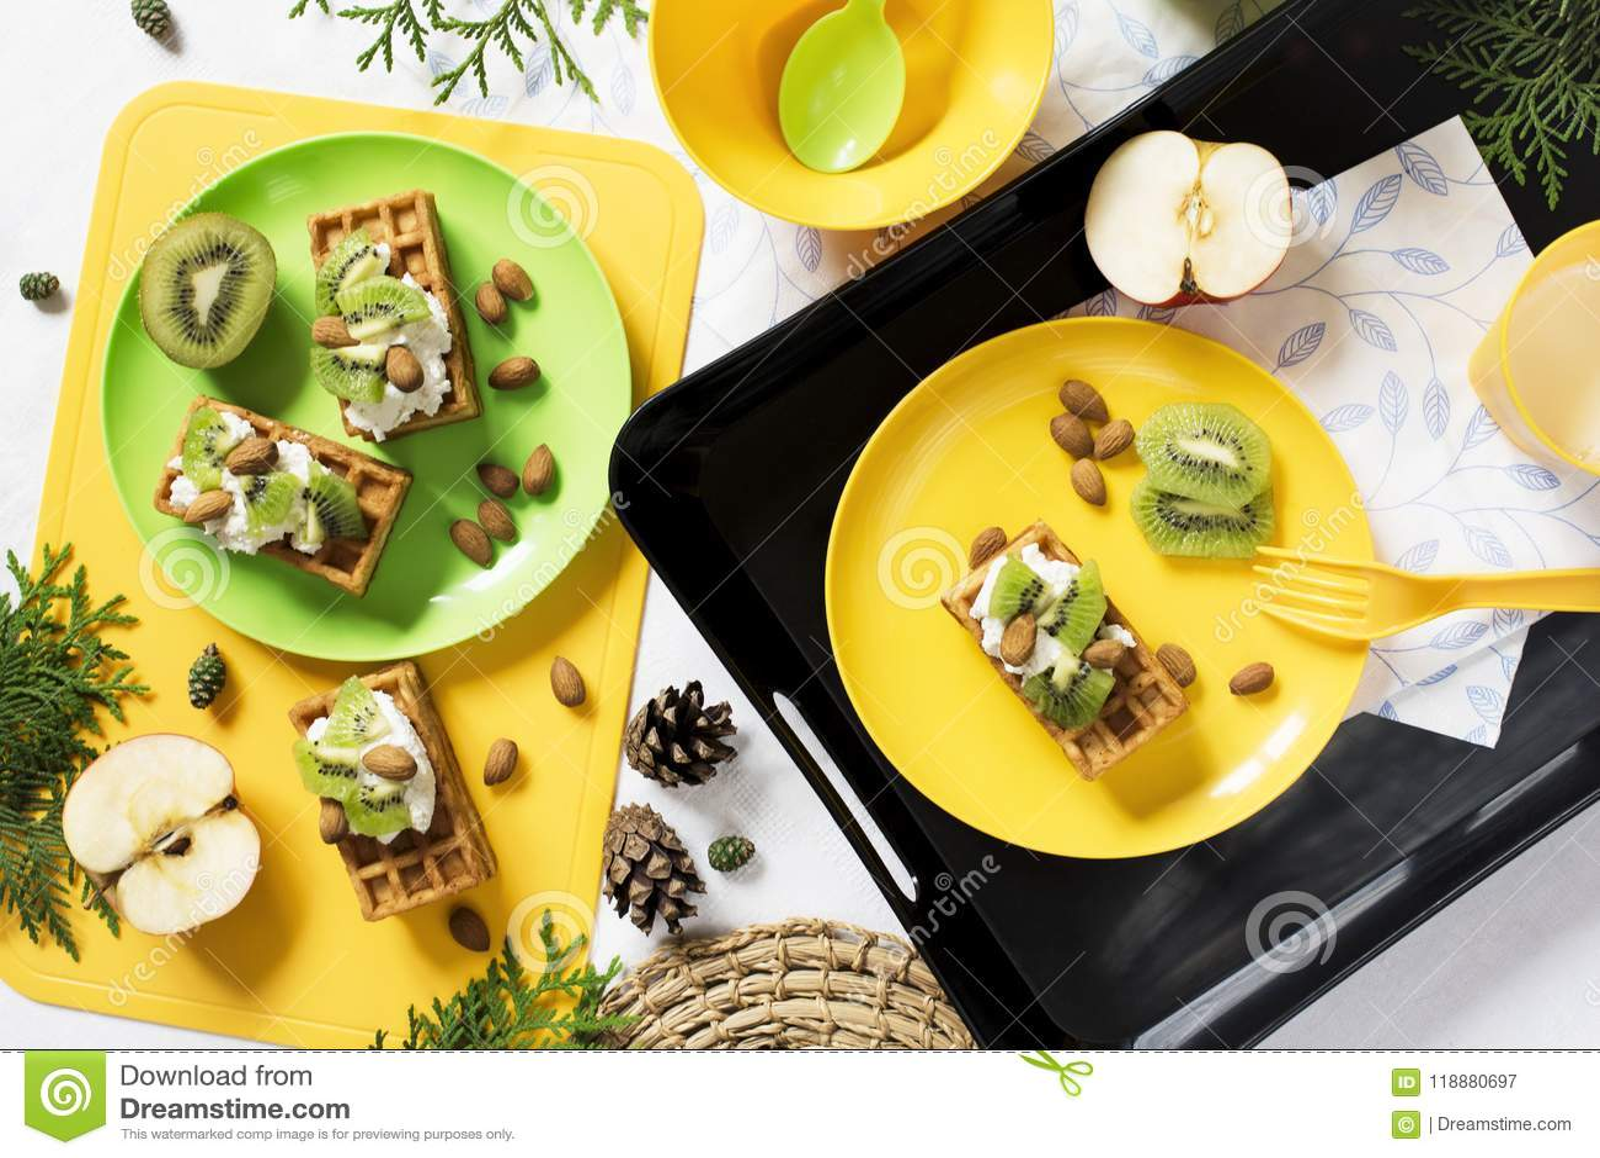 Gesunde Nahrung Frühstücken Sie mit Waffeln, Kiwi, Mandel, Weichkäse, Apfel, Milch auf weißem Hintergrund